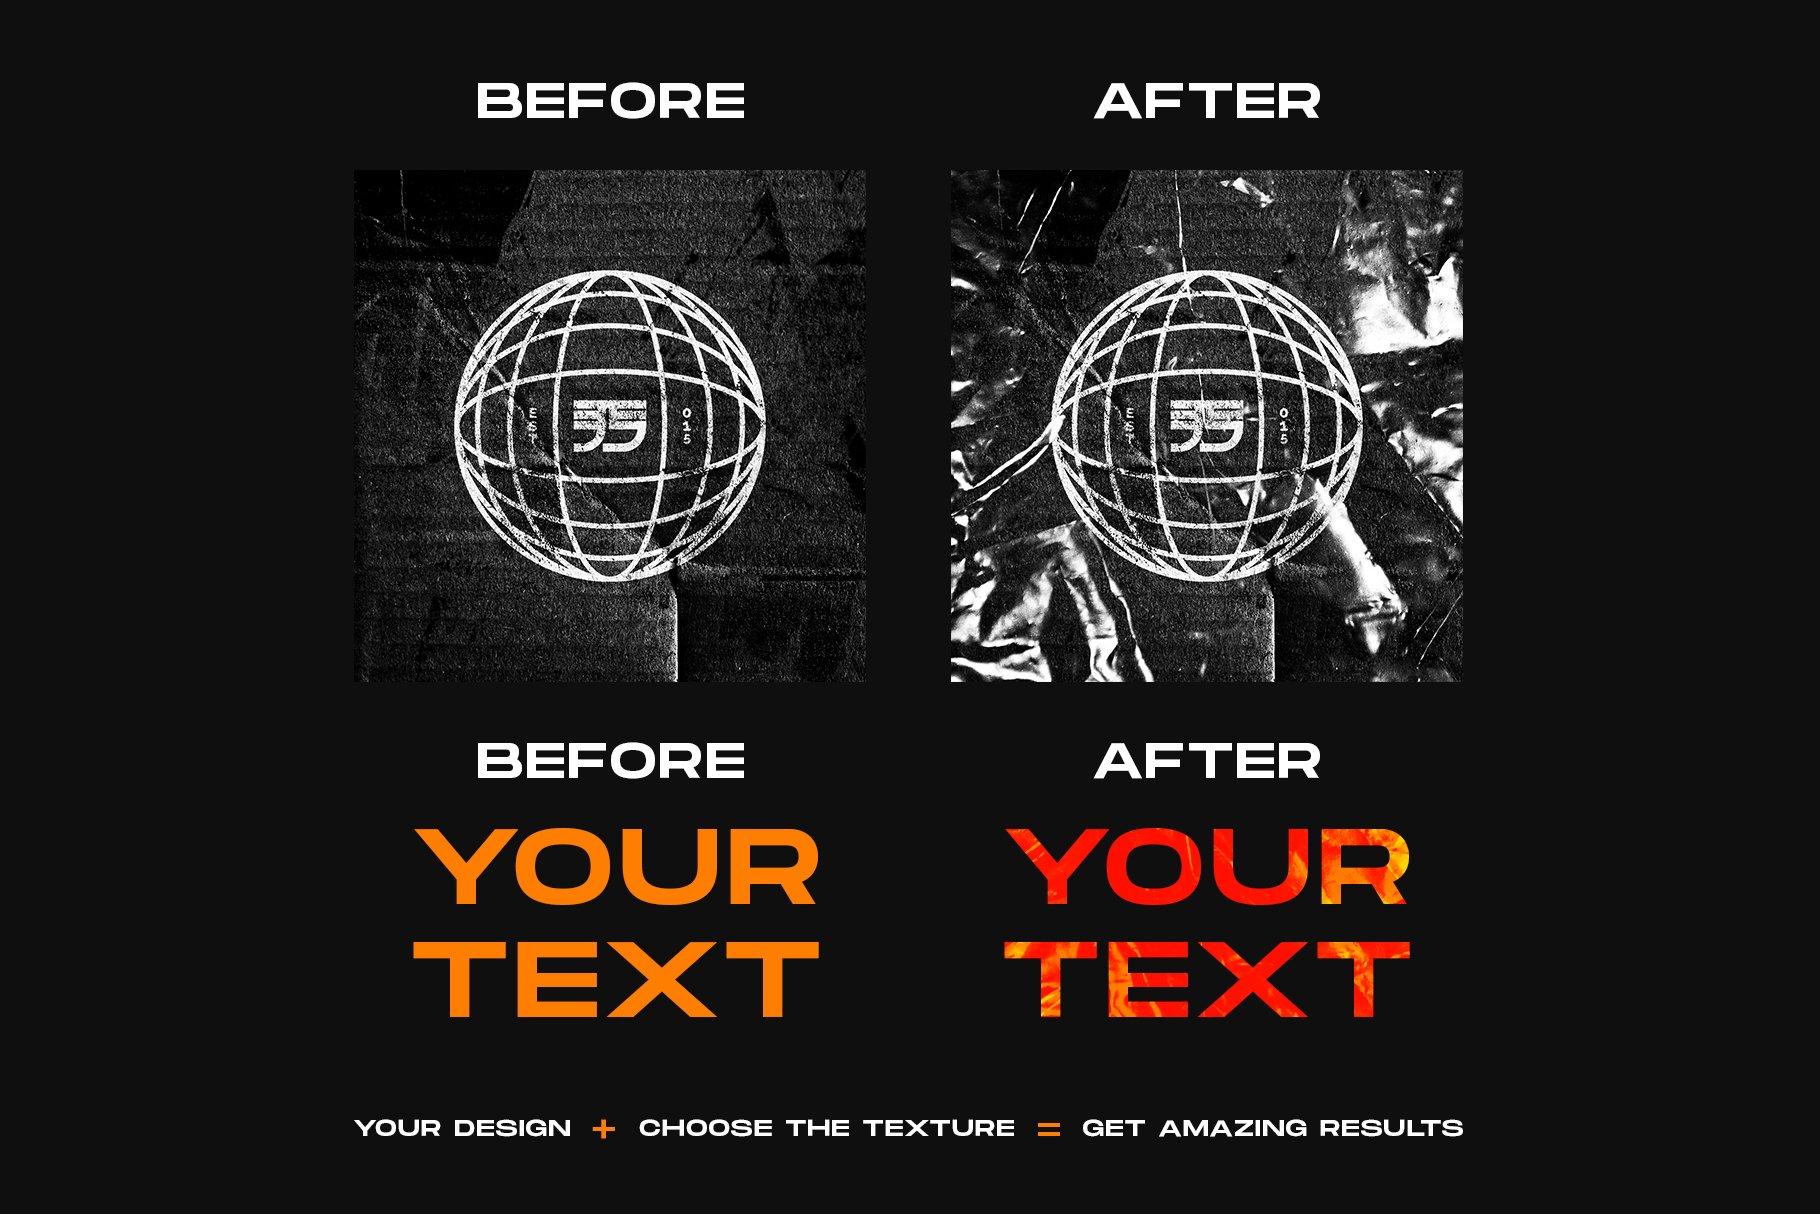 [单独购买] 120款潮流高清折痕褶皱塑料袋纹理海报设计背景图片素材 Visualfear – Plastic Wrap Textures插图5